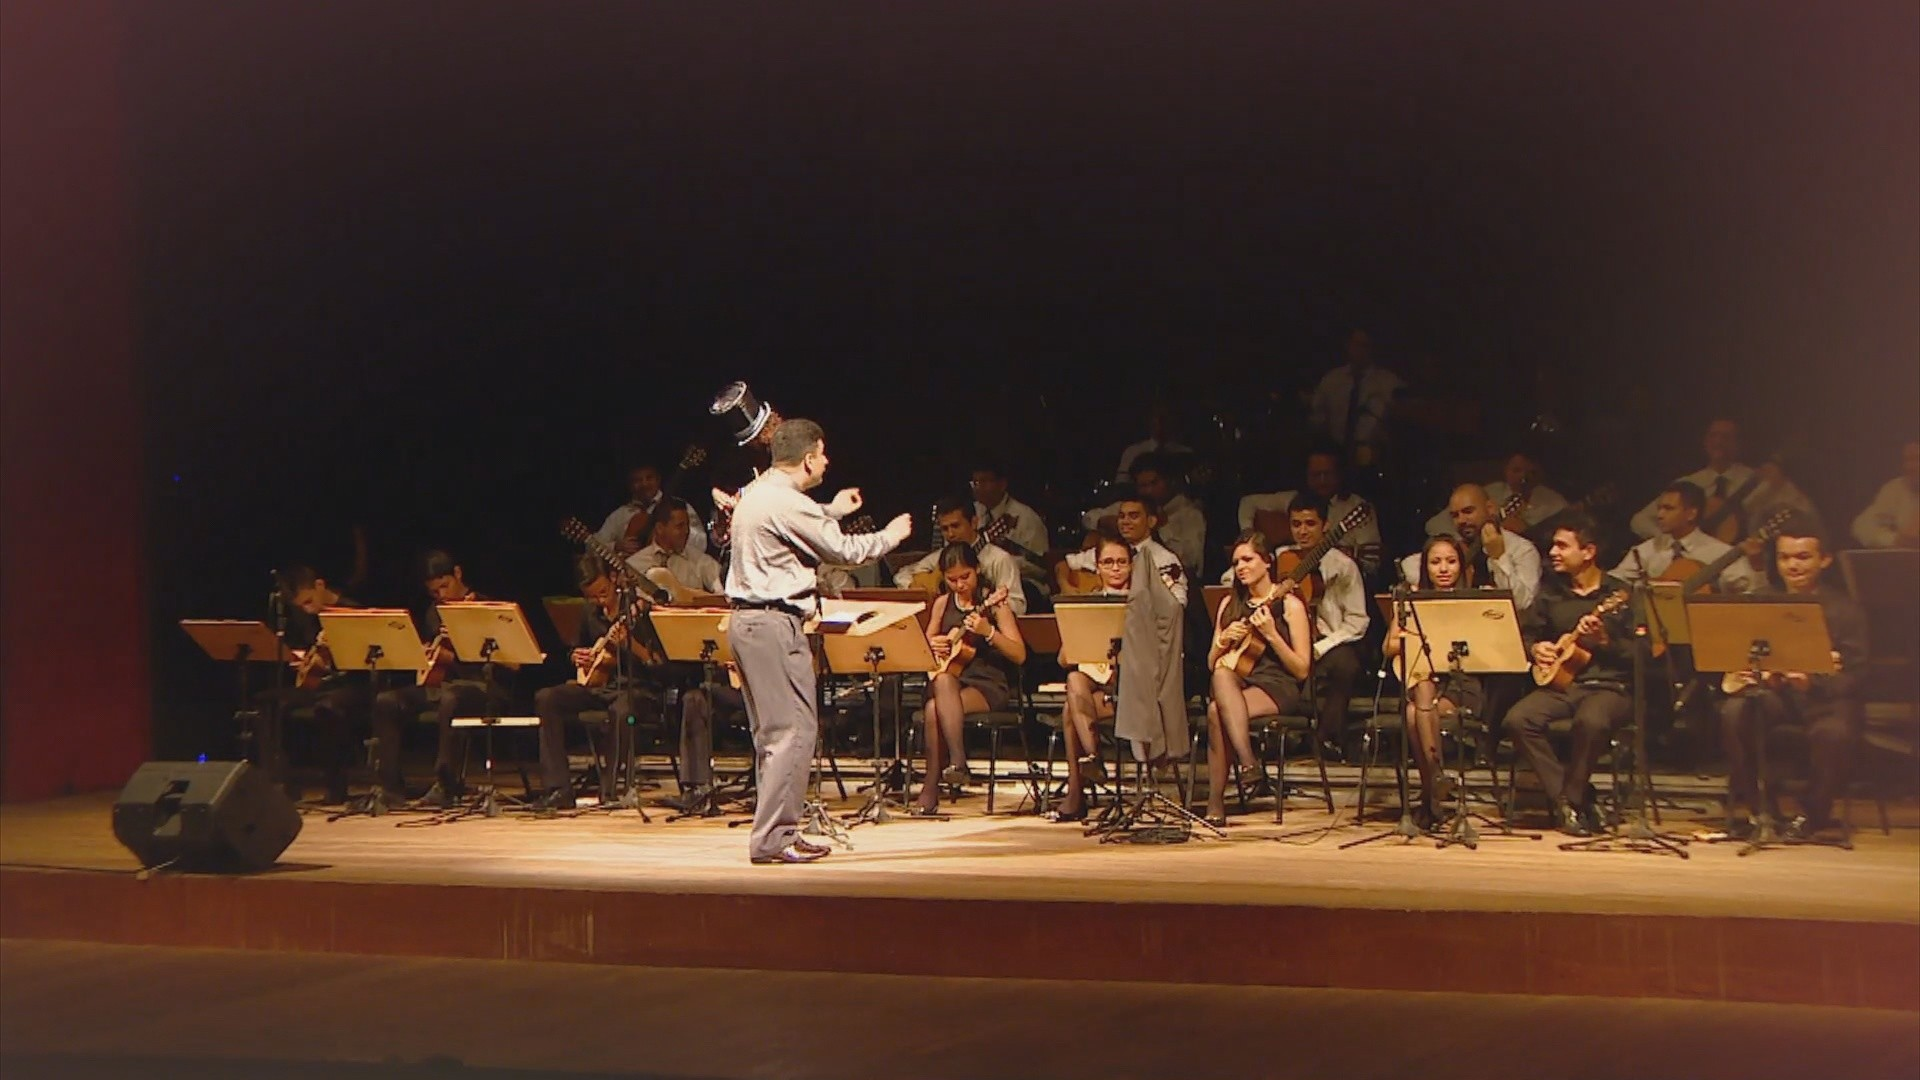 Concerto 'Bach ao Violão' é destaque na Agenda da Rede Amazônica (Foto: Rede Amazônica)